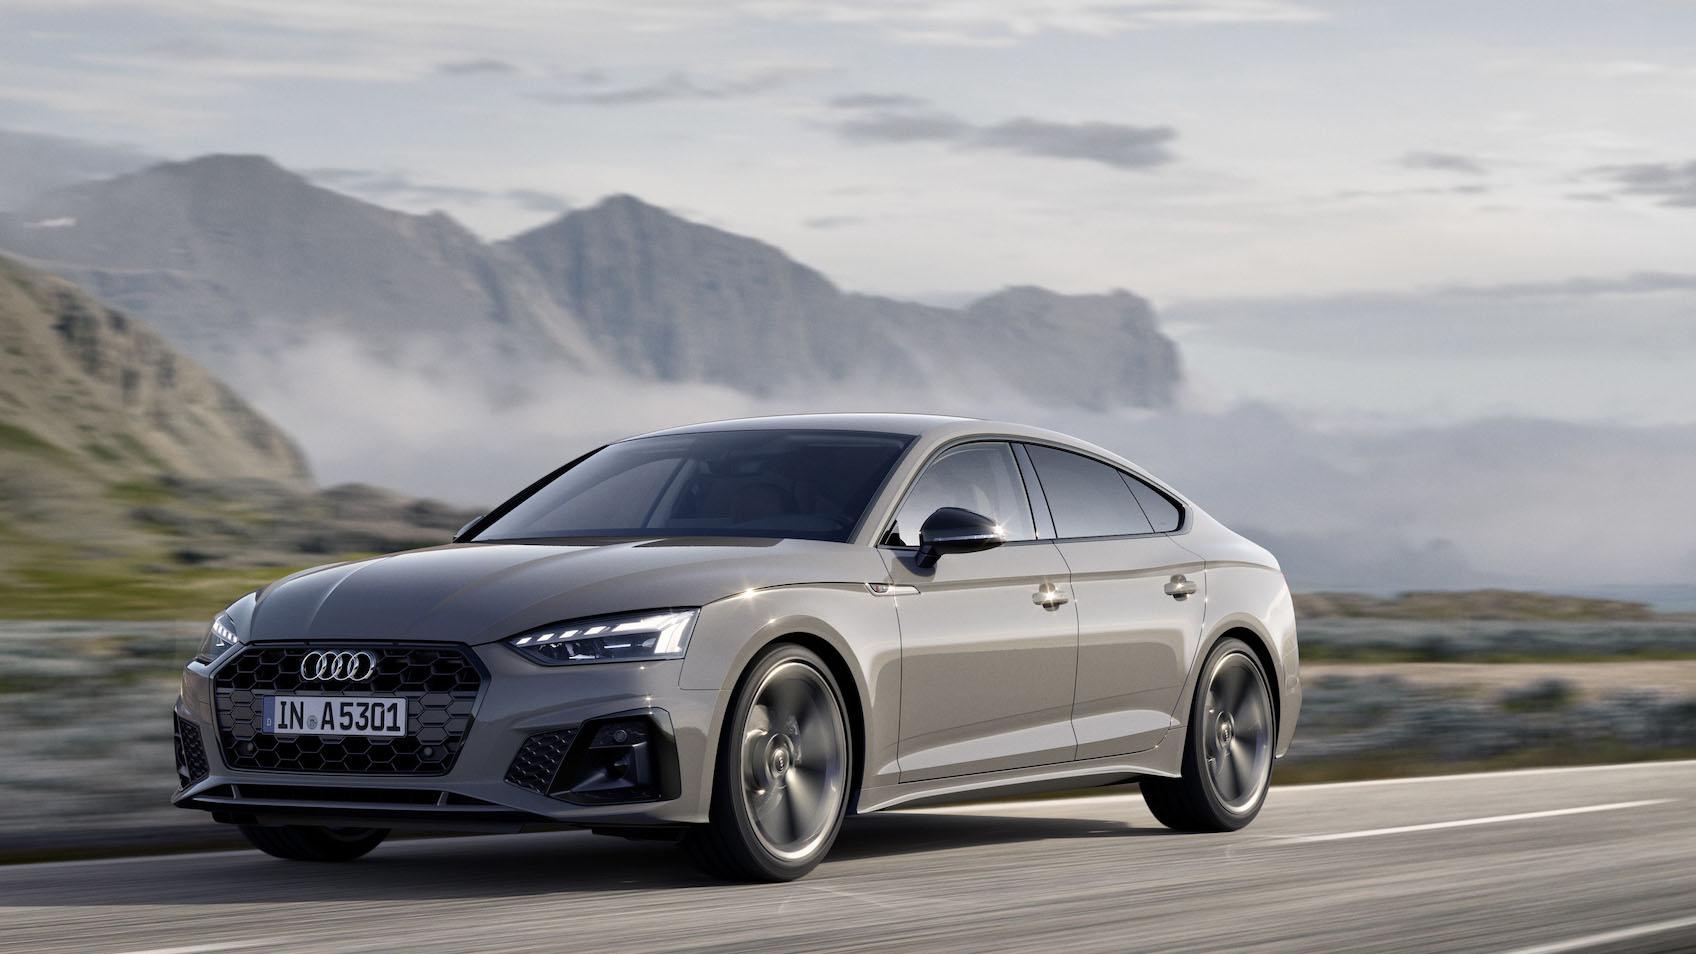 2021 年式 Audi A5 Sportback 升級輕油電,230 萬起正式上市